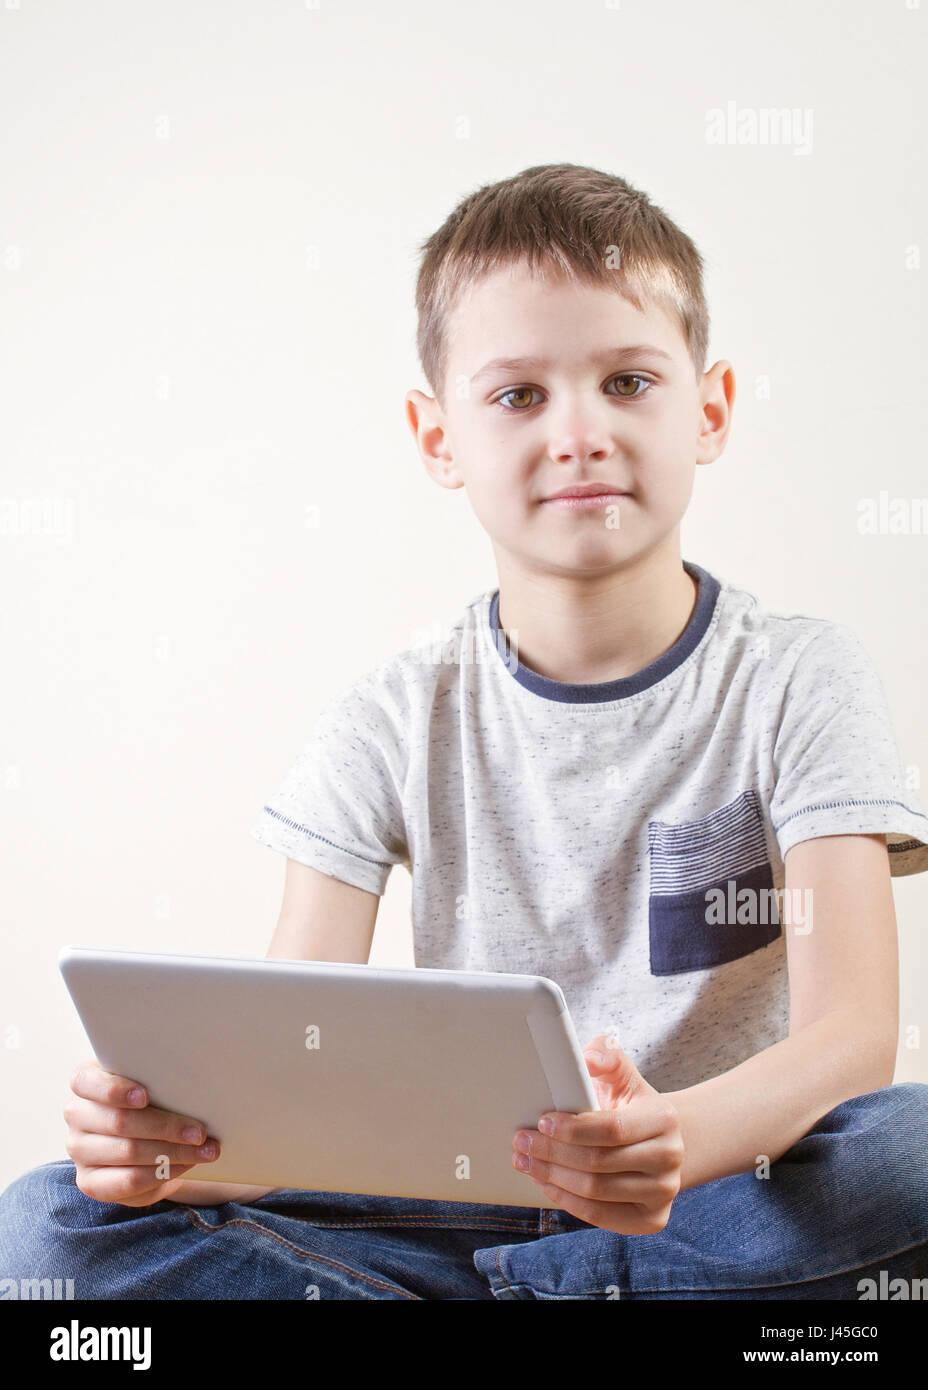 Chico con Tablet PC. la infancia, la educación, el aprendizaje, la tecnología, el concepto de ocio Foto de stock